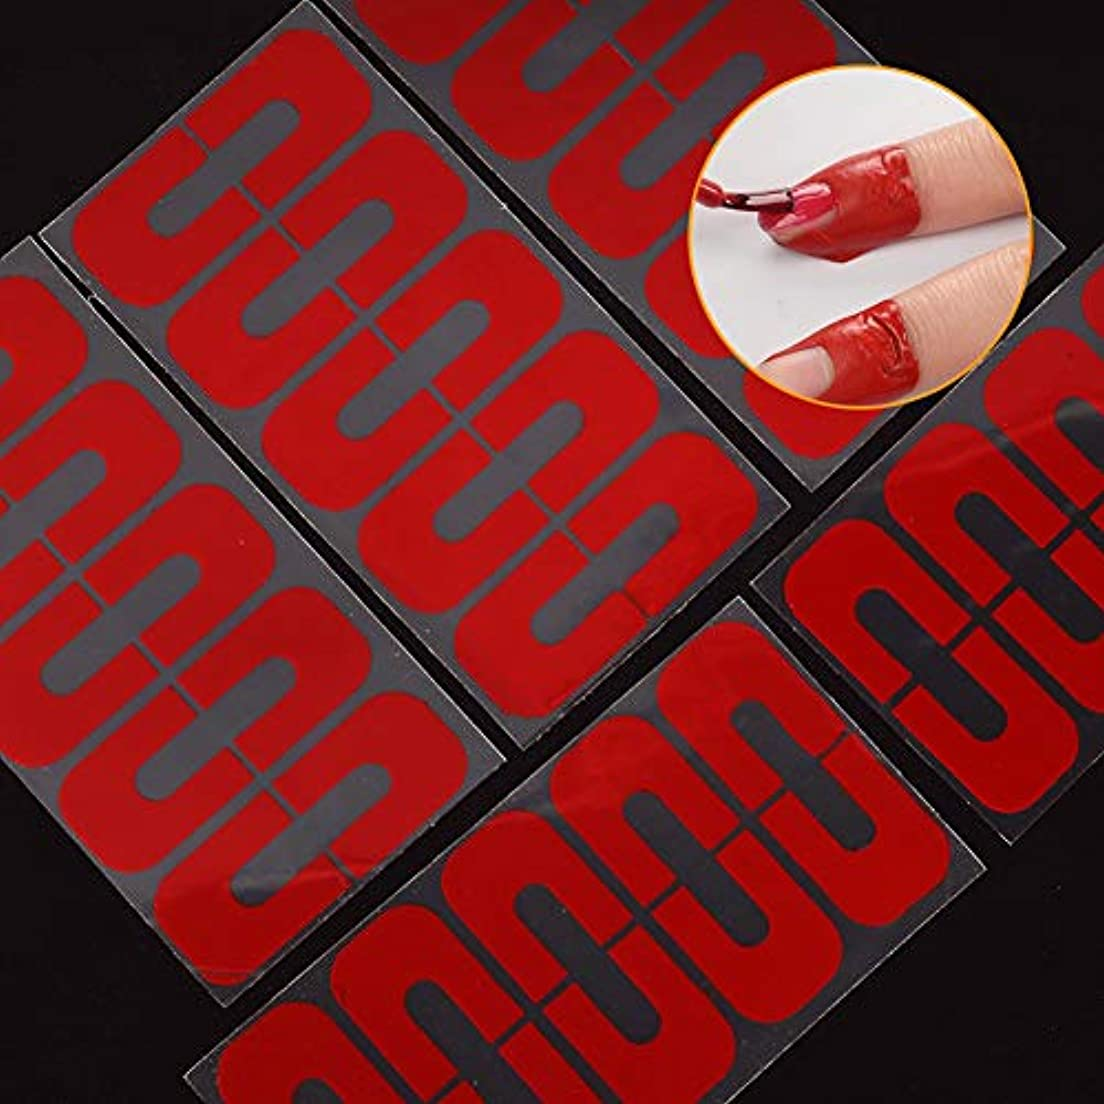 意外コジオスコたとえhamulekfae-50個使い捨てU字型こぼれ防止ネイルプロテクター弾性指カバーステッカー - 赤50個Red50pcs